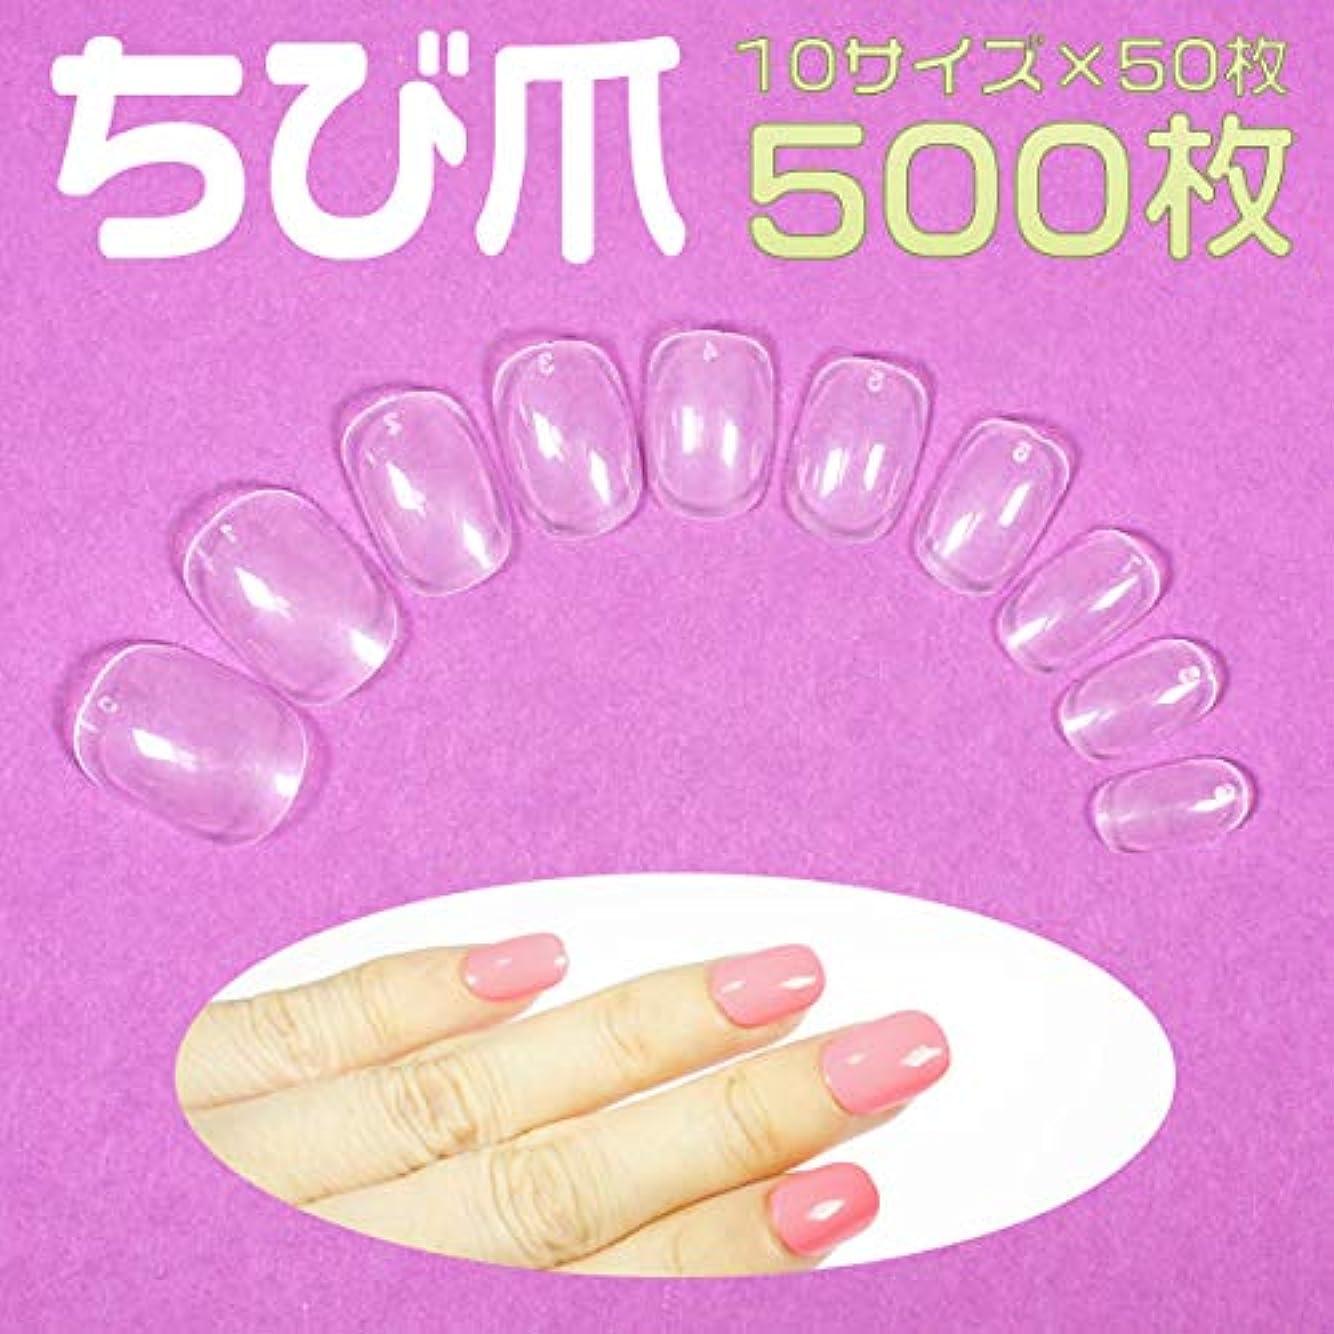 透明に後肩をすくめるネイルチップ ちび爪 超ショートサイズ クリア [#1]500枚入 小さい爪用 短い爪用 ベリーショート つけ爪